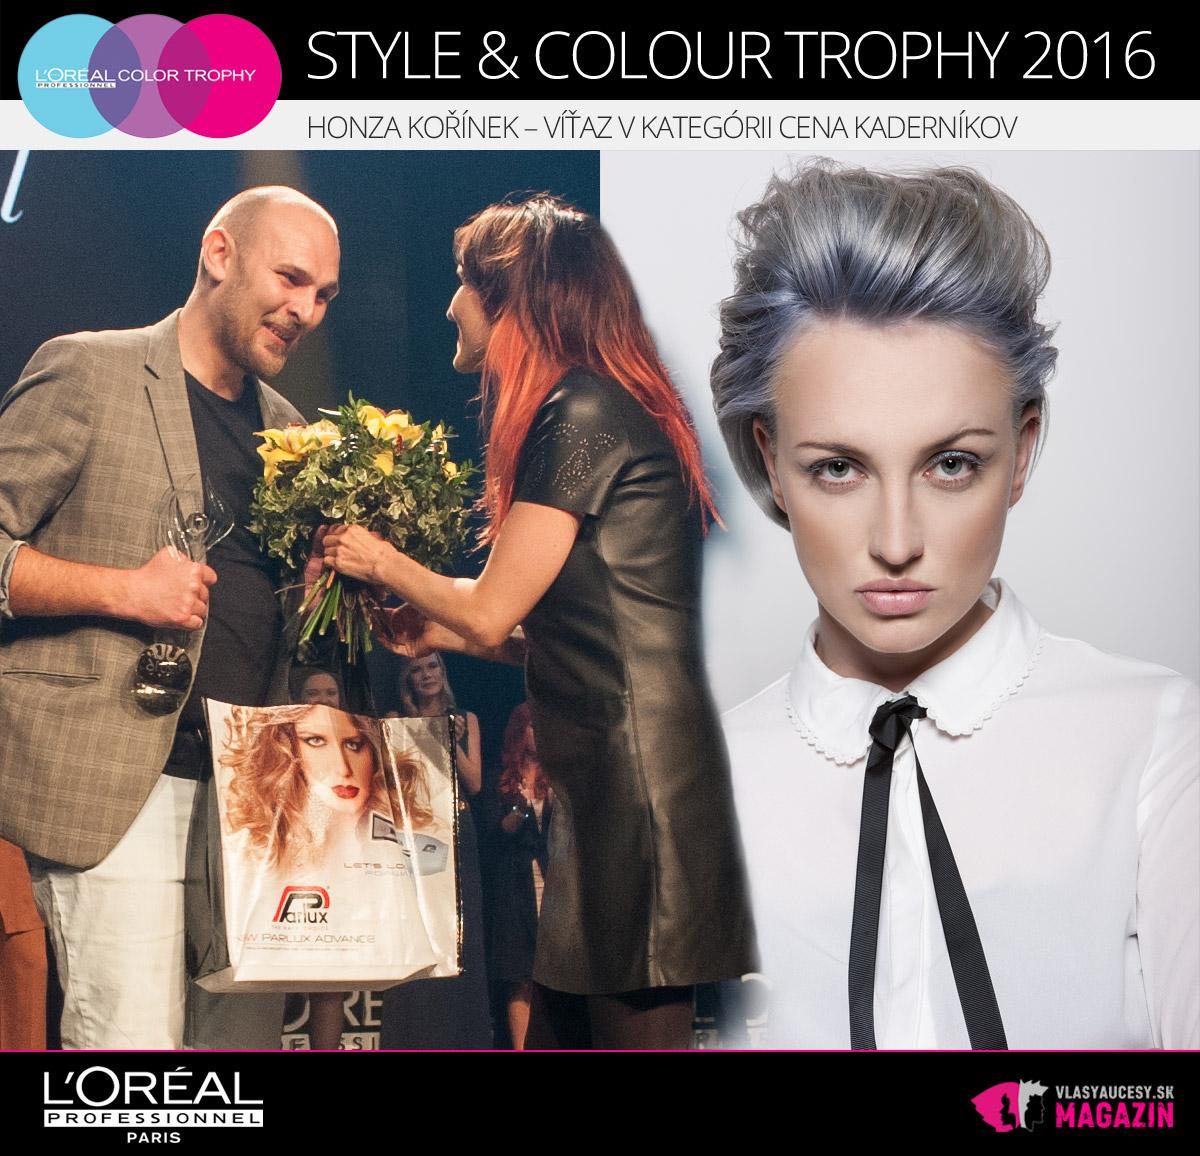 Víťazstvo v kategórii Cena kaderníkov L'Oréal Style & Colour Trophy 2016 získal Ján Kořínek, majiteľ Hair Studio Honza Kořínek v Prahe.